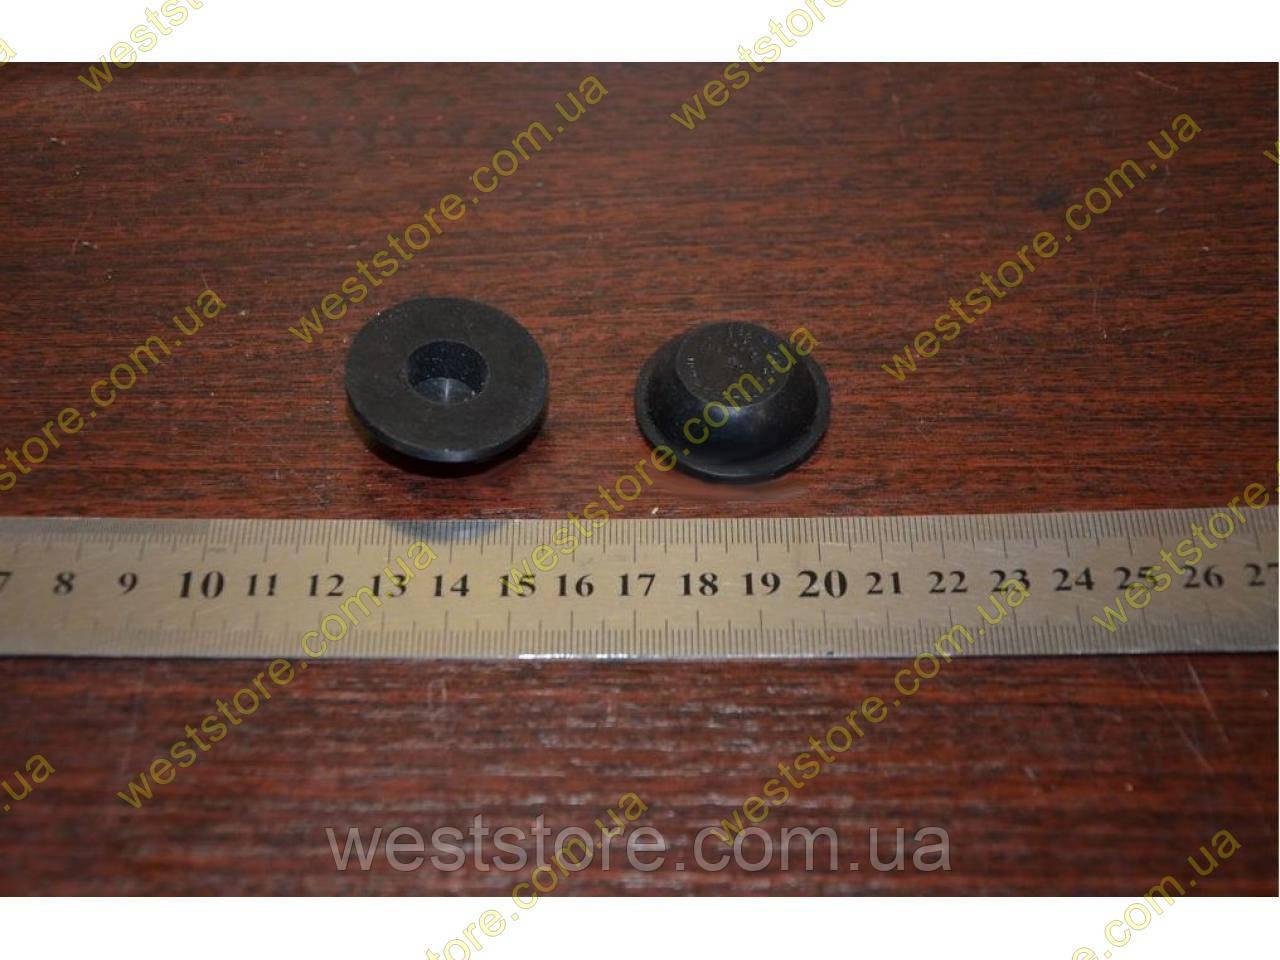 Заглушка кузова пробка днища  Ваз 2108 2109 21099  резиновая средняя